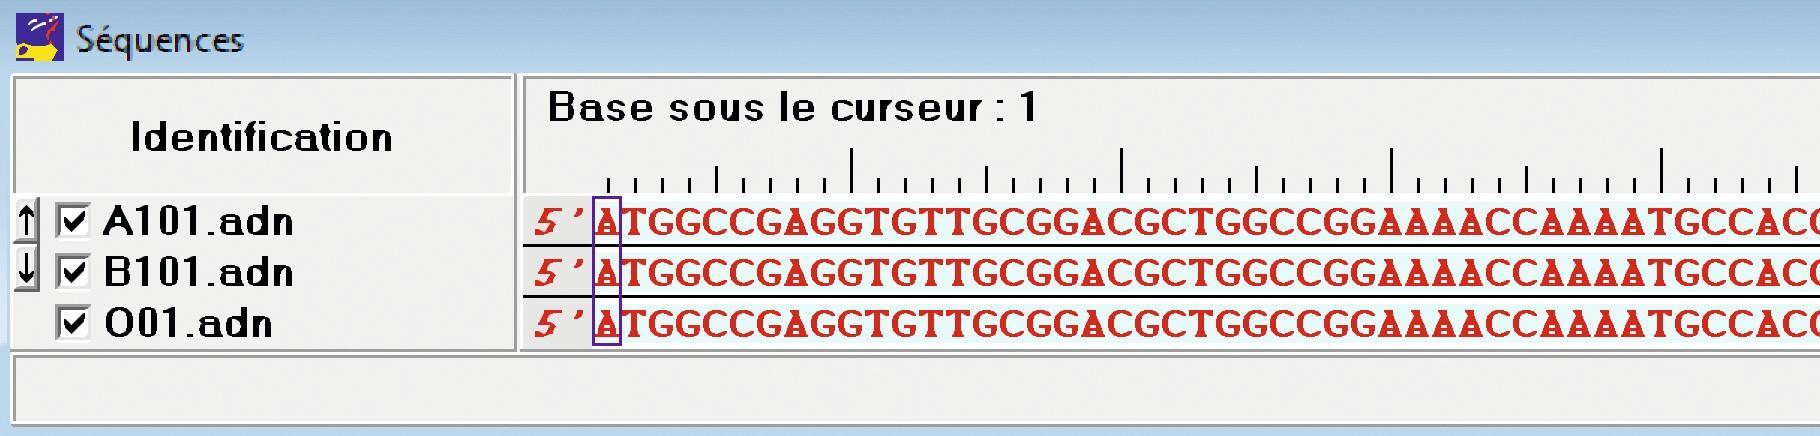 Tableau de comparaison des séquences nucléotidiques des allèles A, B, O.